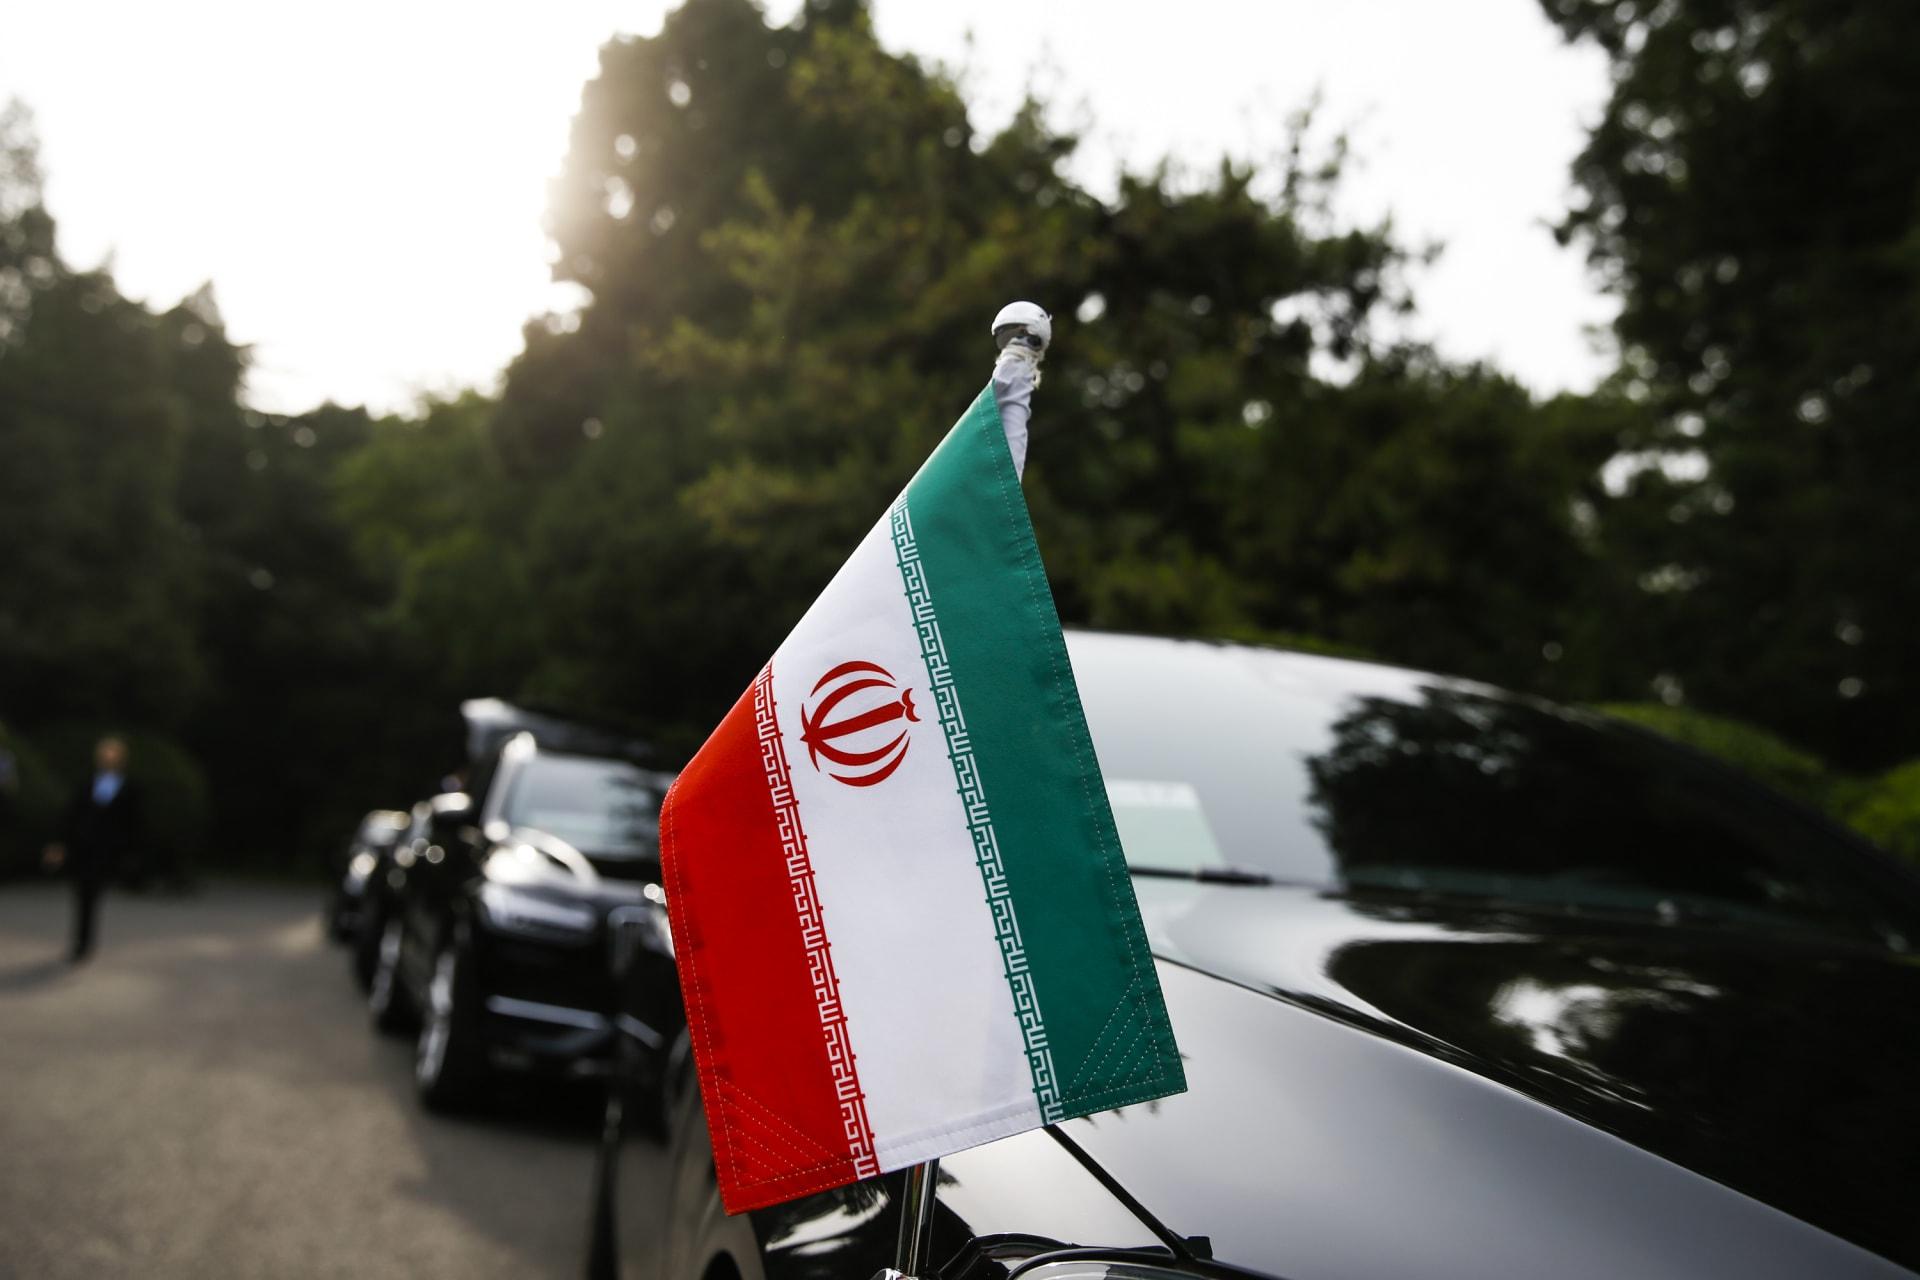 مسؤول إيراني: سنعيد التفكير في استراتيجيتنا النووية إن فشل الاتفاق النووي